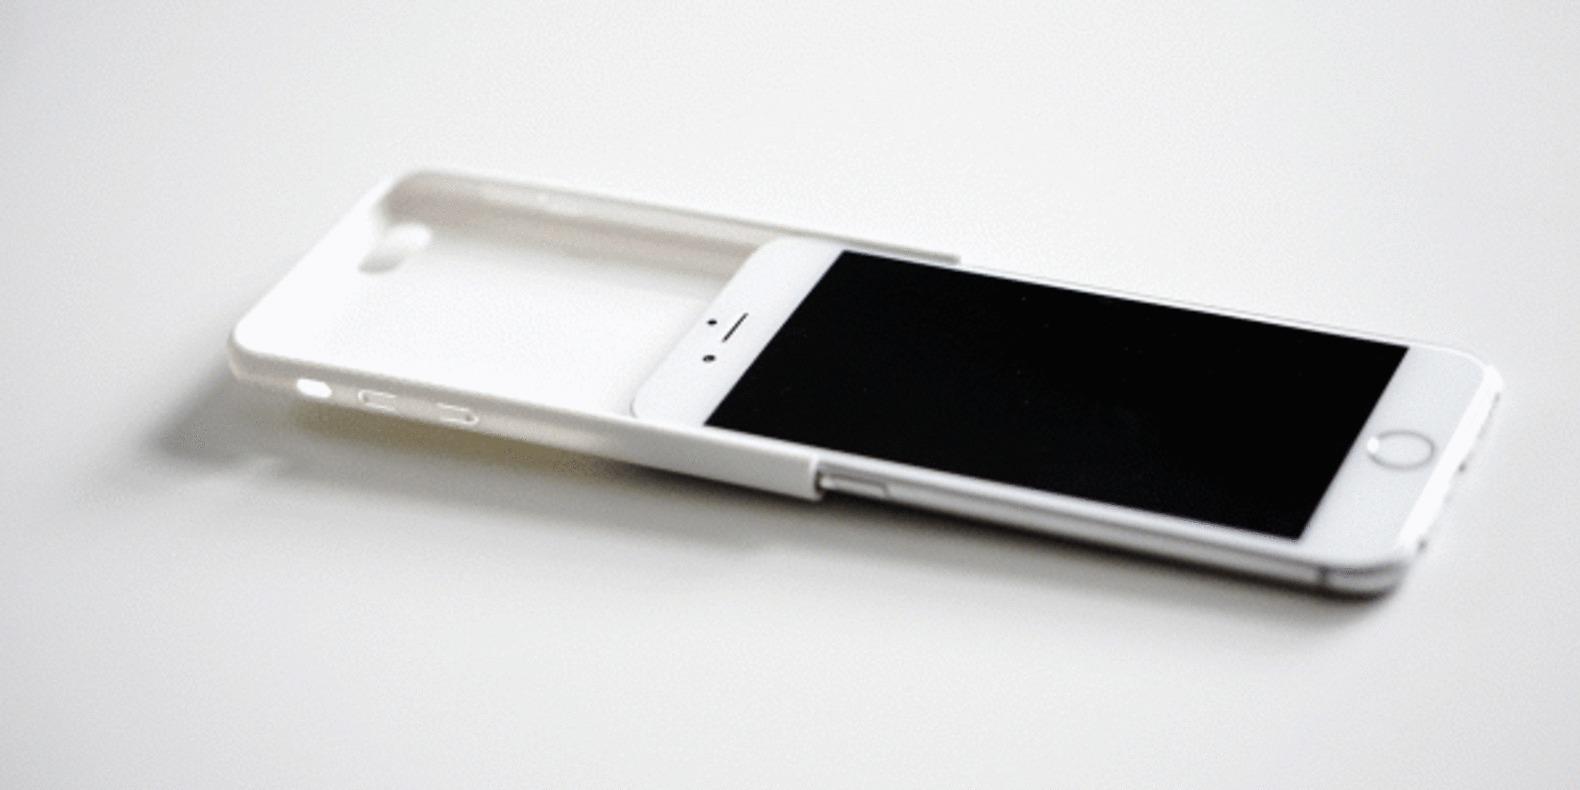 coque iphone shiqi imprimé en 3D fichier 3D cults smartphone 3D printed 6